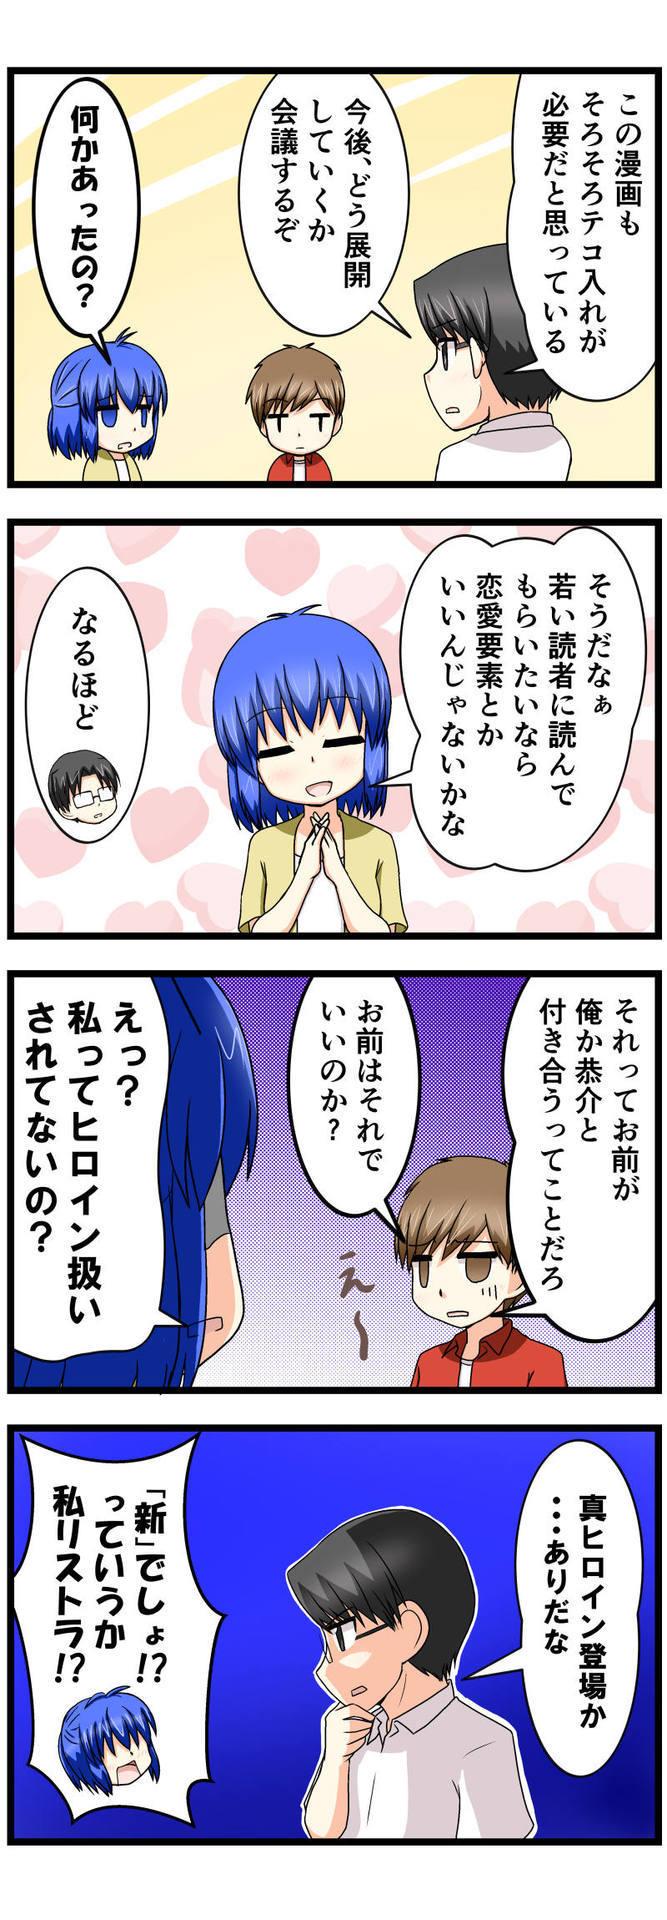 萌える株セミナー番外編3.jpg